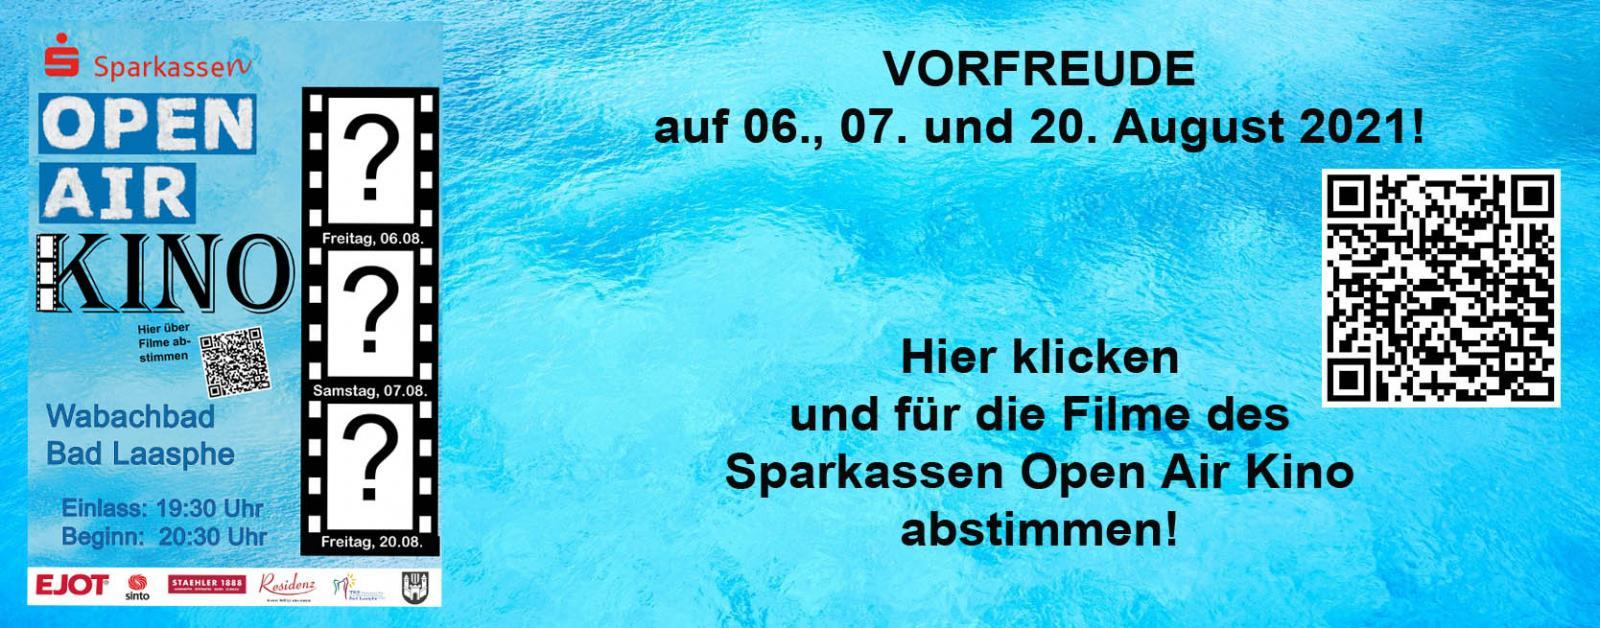 Sparkassen Open-Air Kino 21